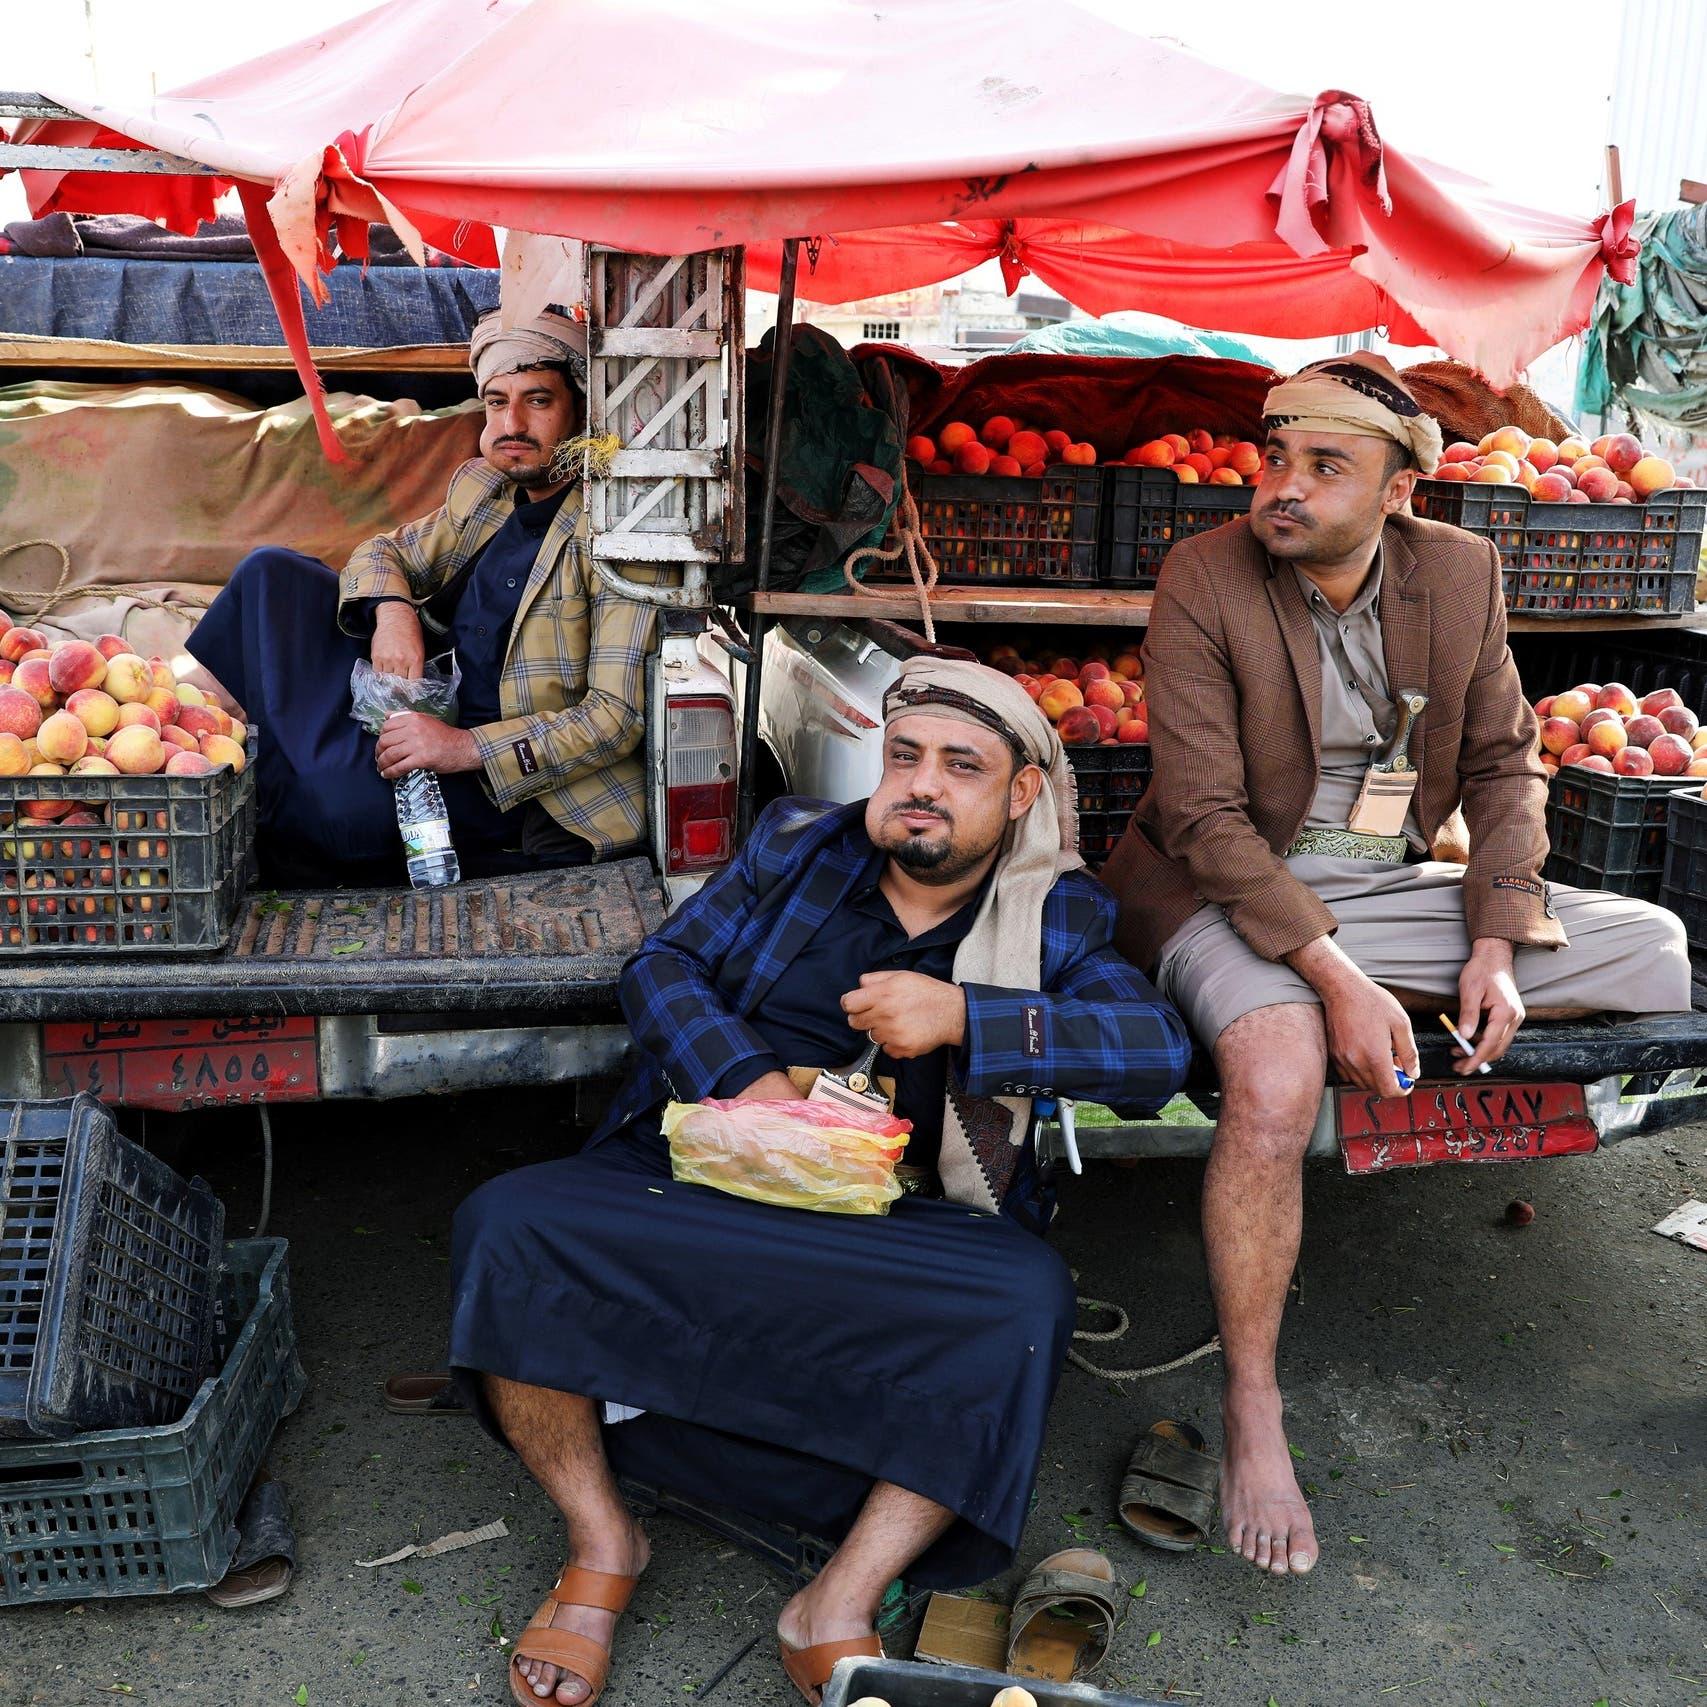 الأمم المتحدة: ارتفاع أسعار السلع الغذائية 35% في اليمن